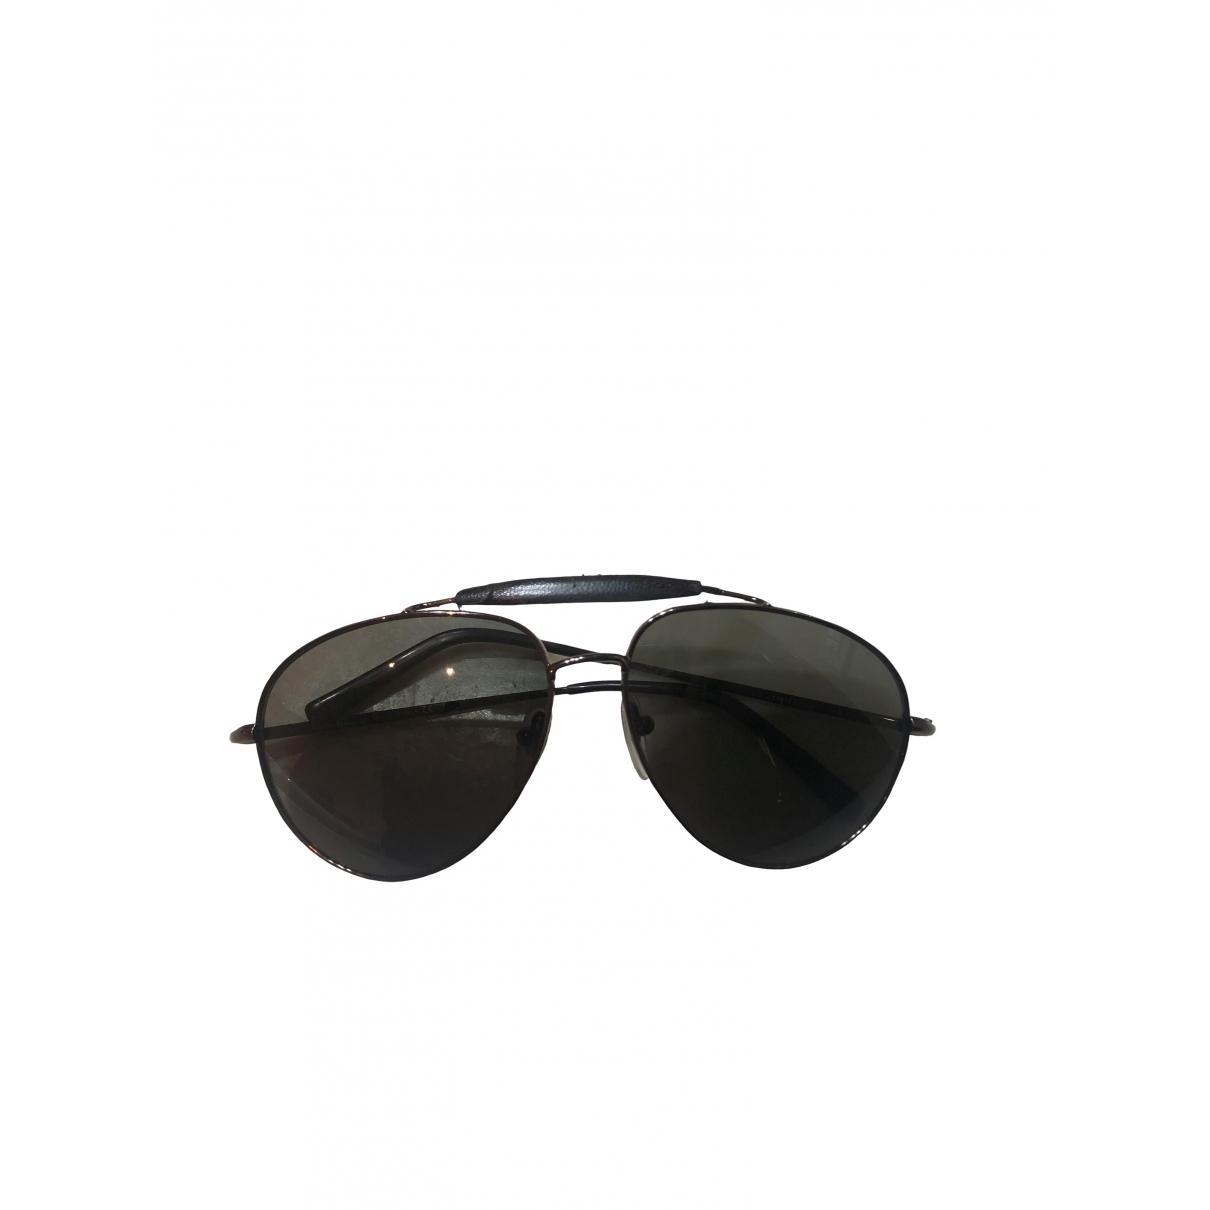 Salvatore Ferragamo \N Sonnenbrillen in  Gruen Metall